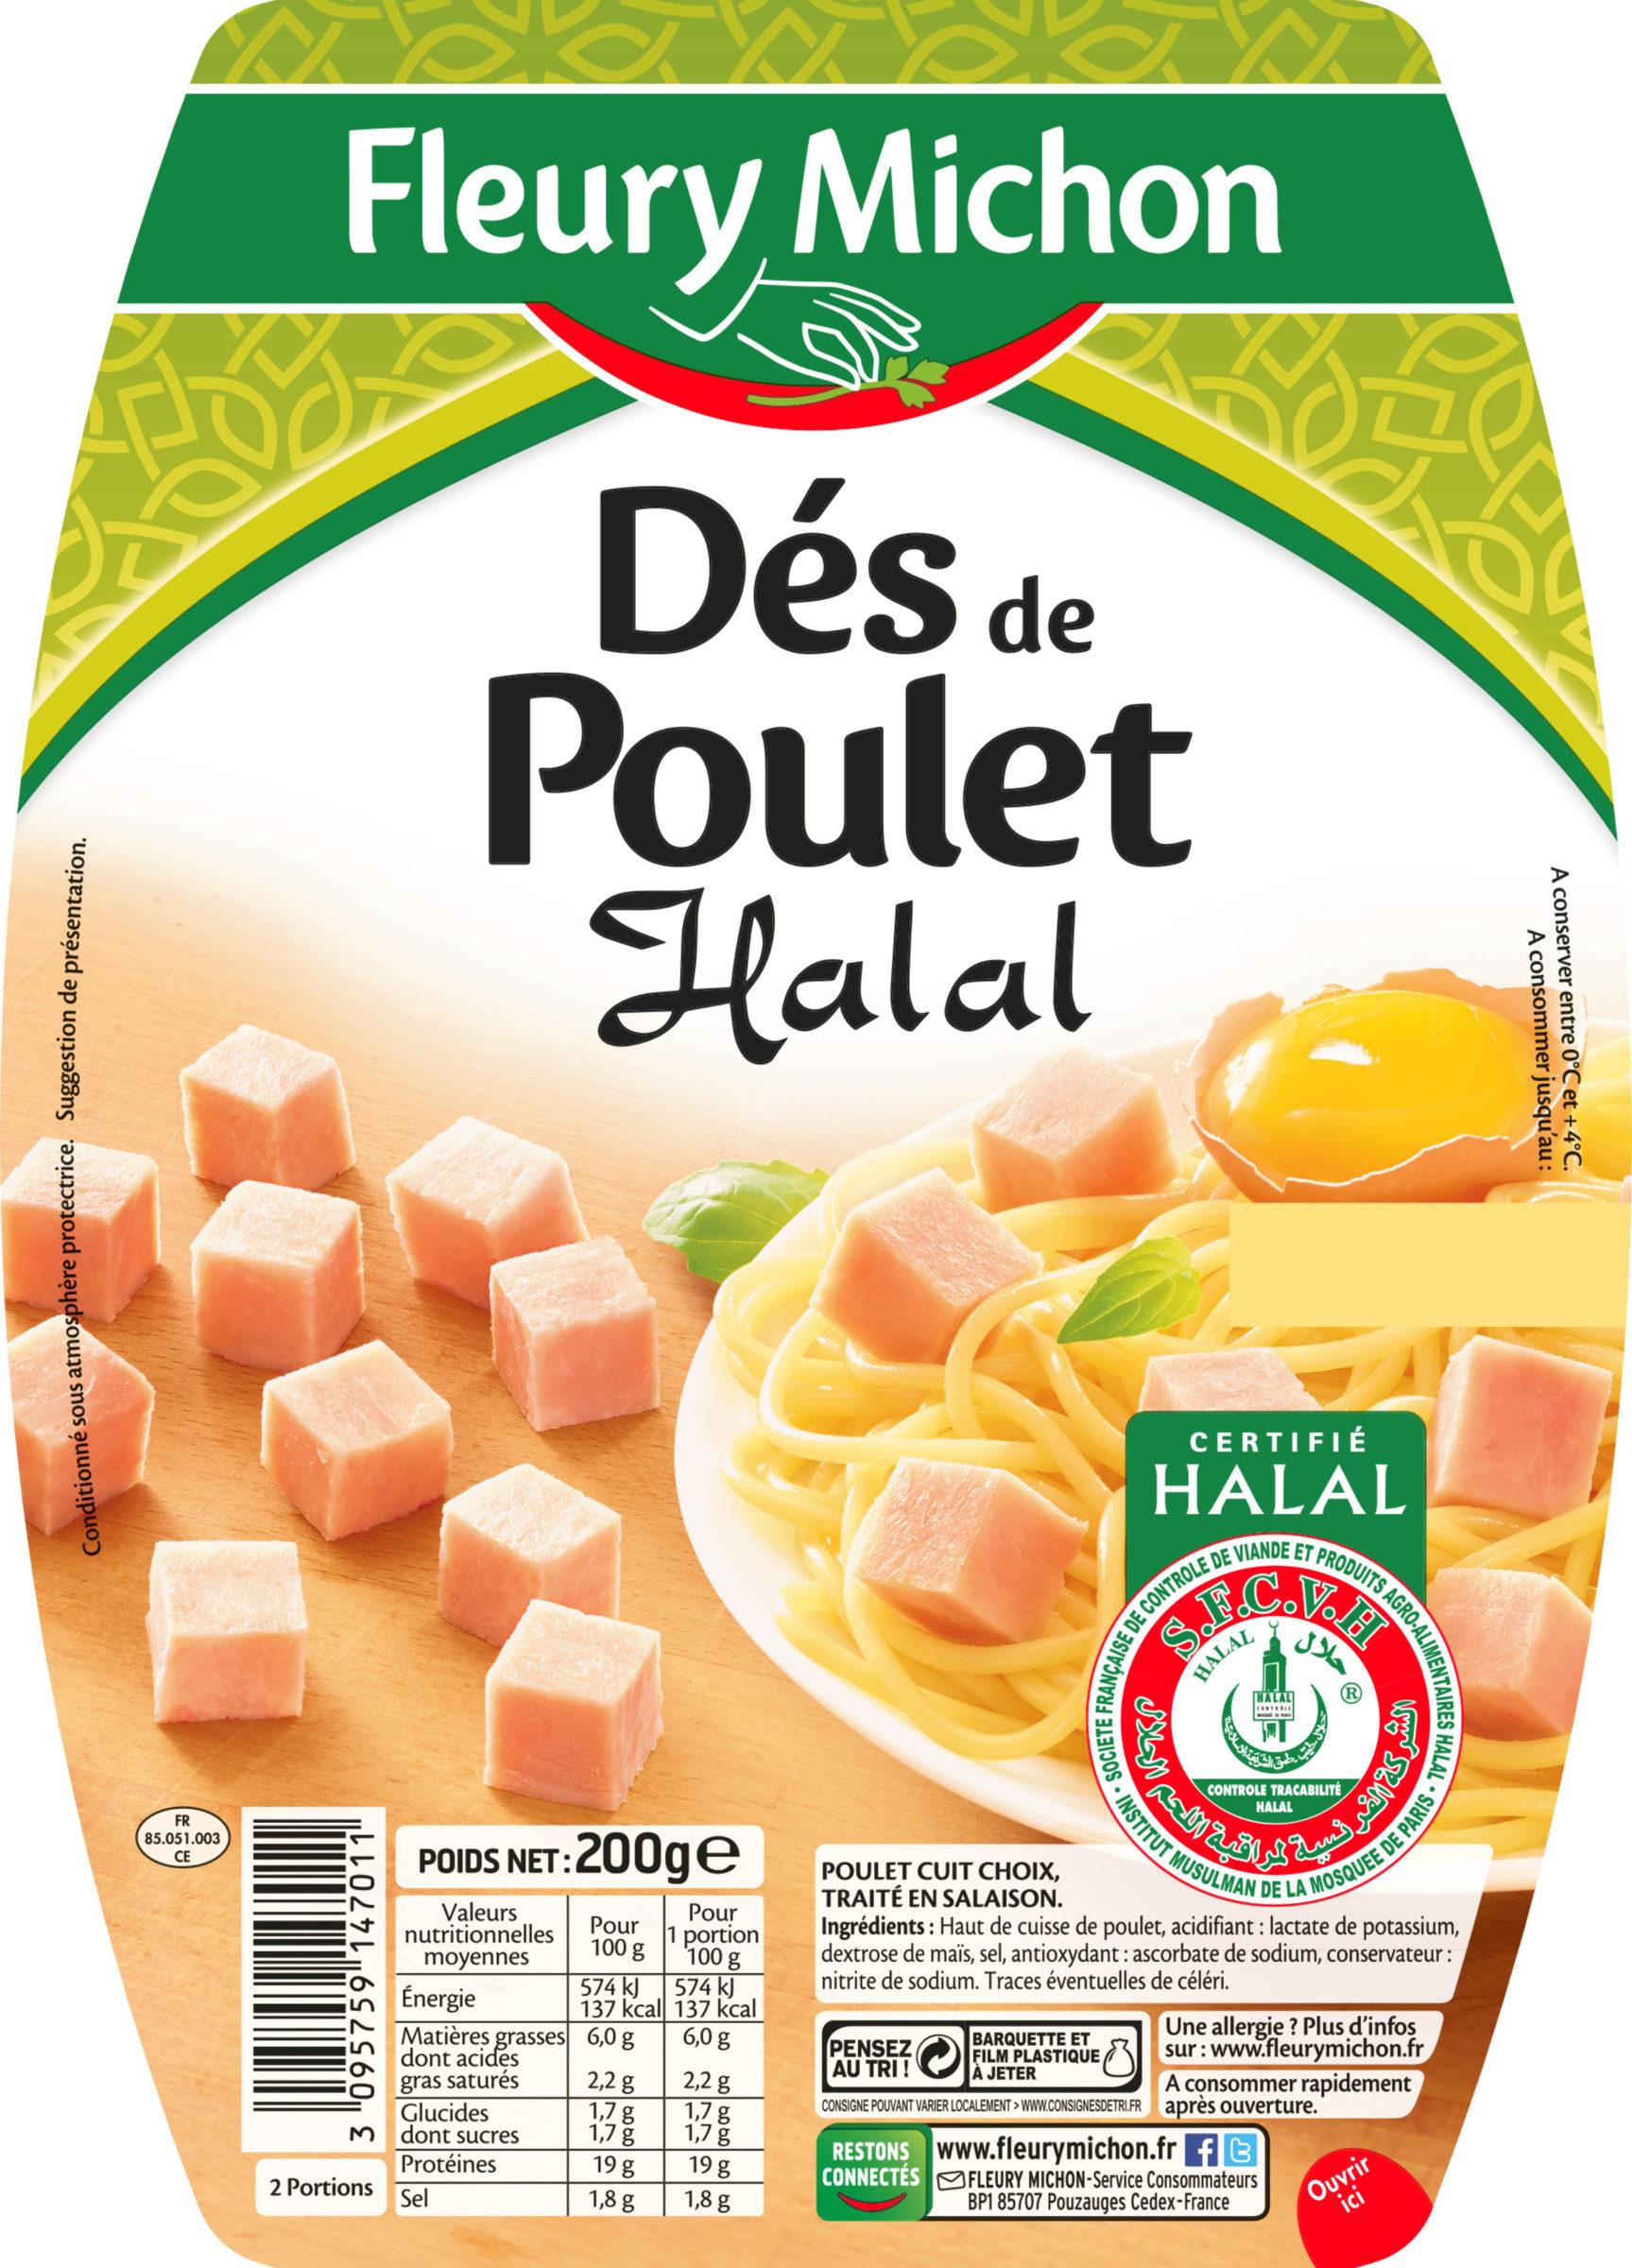 Dés de poulet Halal - Product